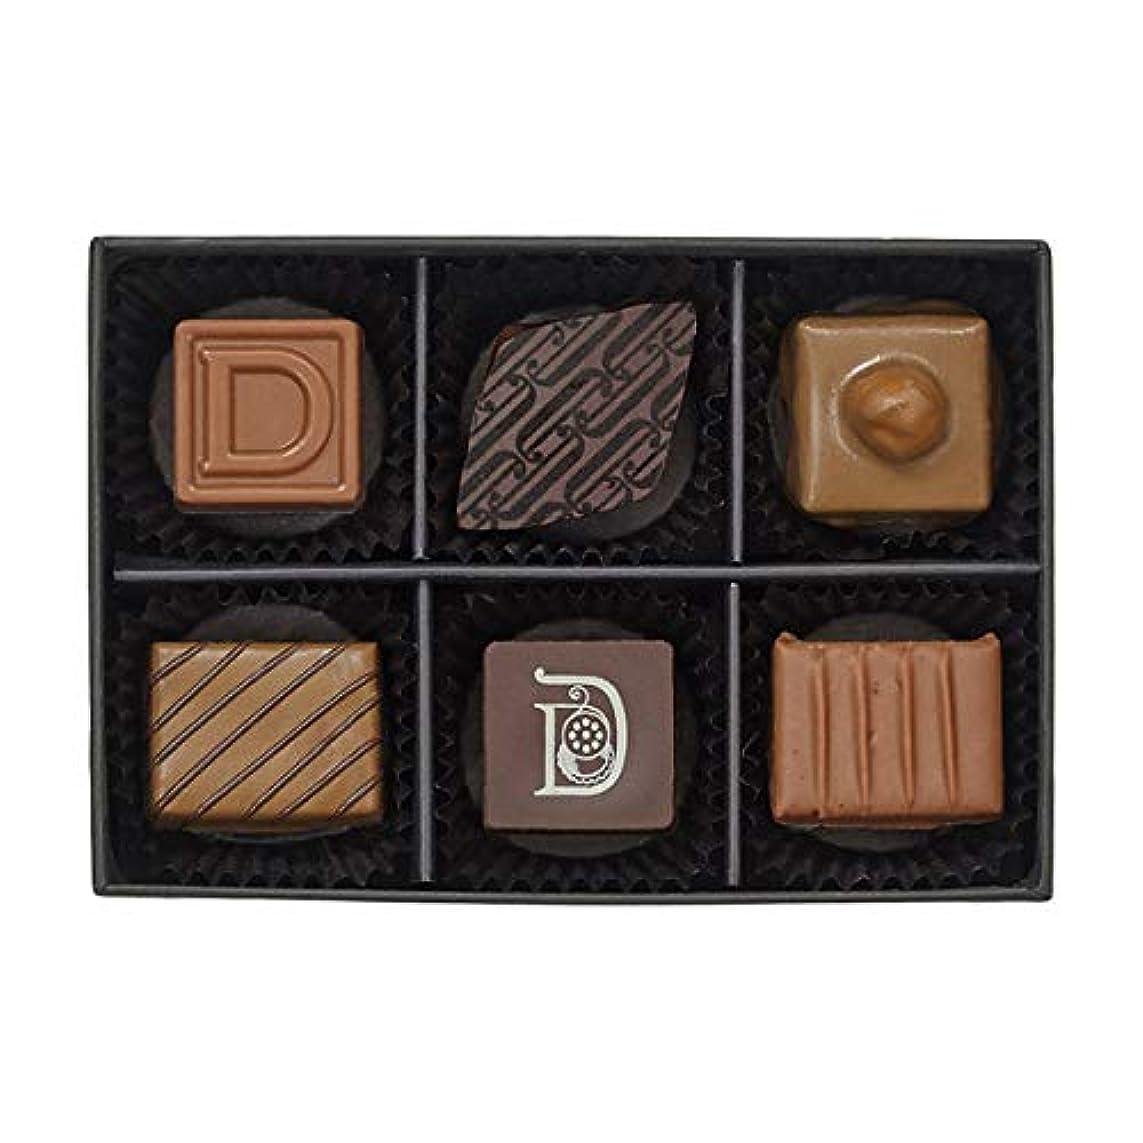 ナチュラ過敏な買うドゥバイヨル DEBAILLEUL セレクション ド プラリネ DBP-20 6粒入り チョコレート バレンタイン バレンタインデー ホワイトデー 贈答 ギフト